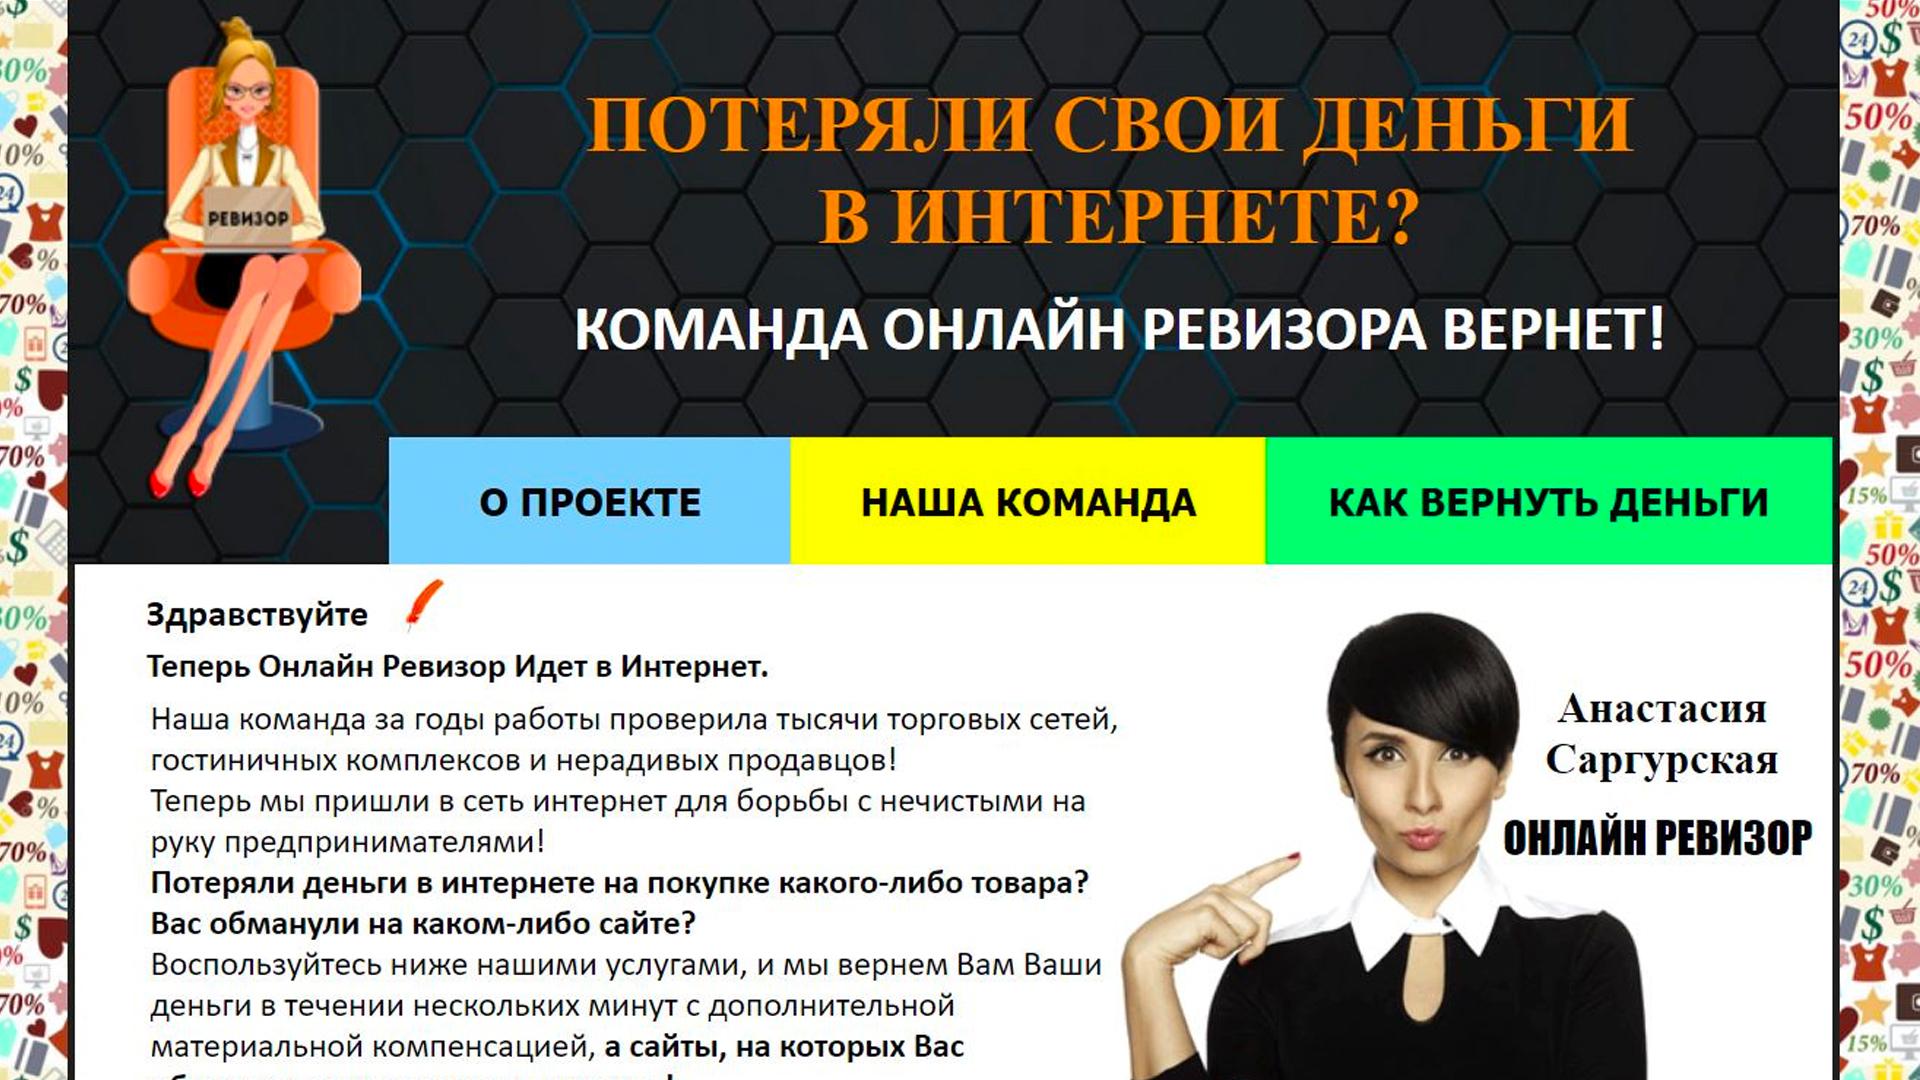 Шахрайський сайт з повернення втрачених грошей в Інтернет